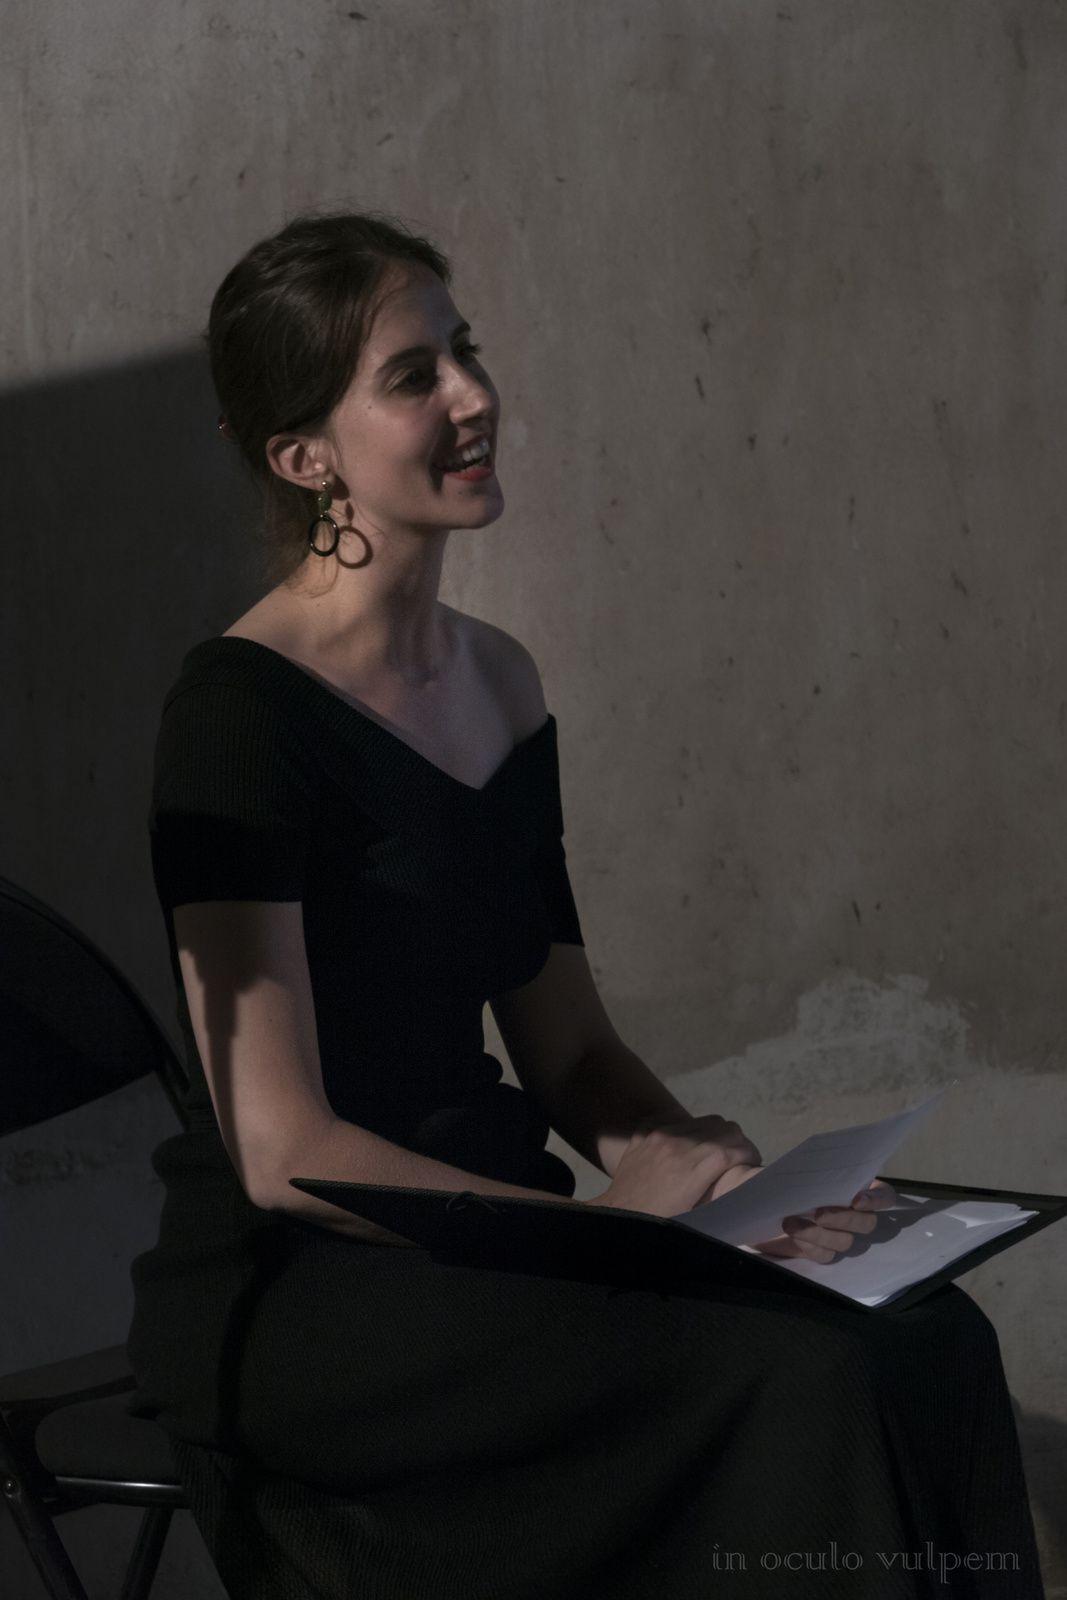 Les Promenades Musicales du Pays d'Auge. Jeanne Zaepffel, soprano et Léa Masson, théorbe et guitare. Château de Cesny-aux-vignes, 27/07/2018.